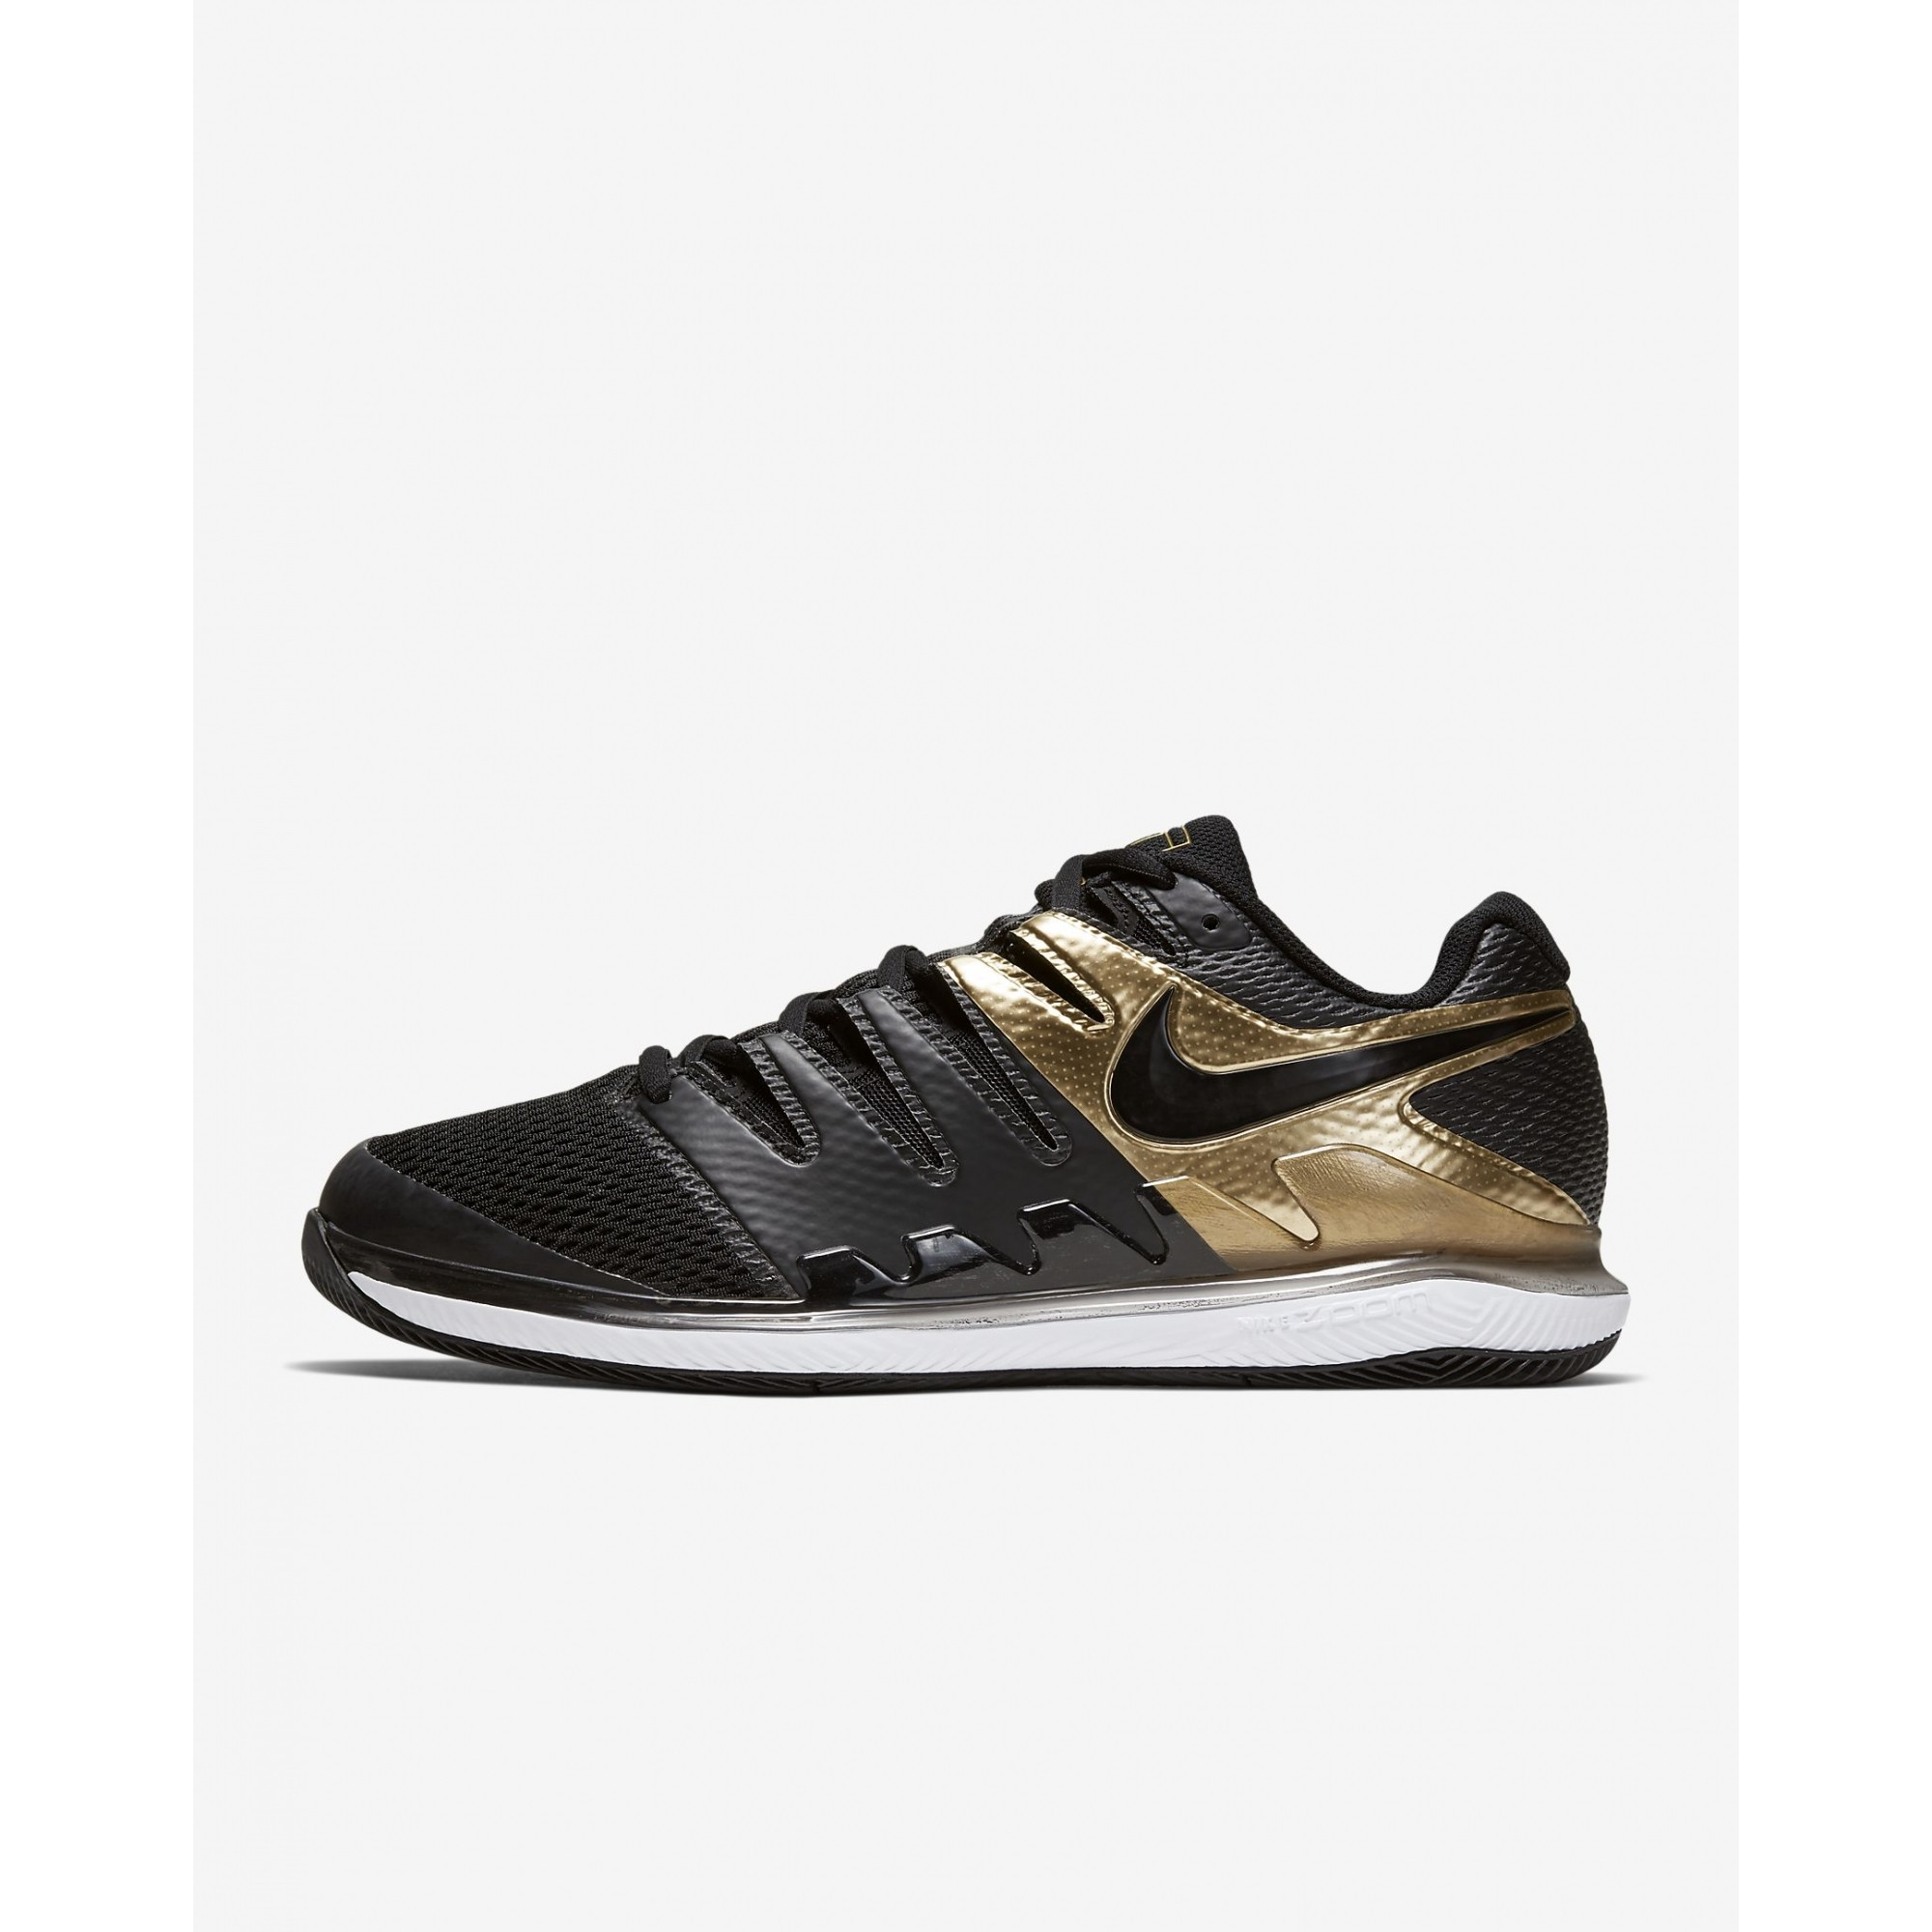 Tenis Nike Zoom Vapor 10 HC Preto e Dourado